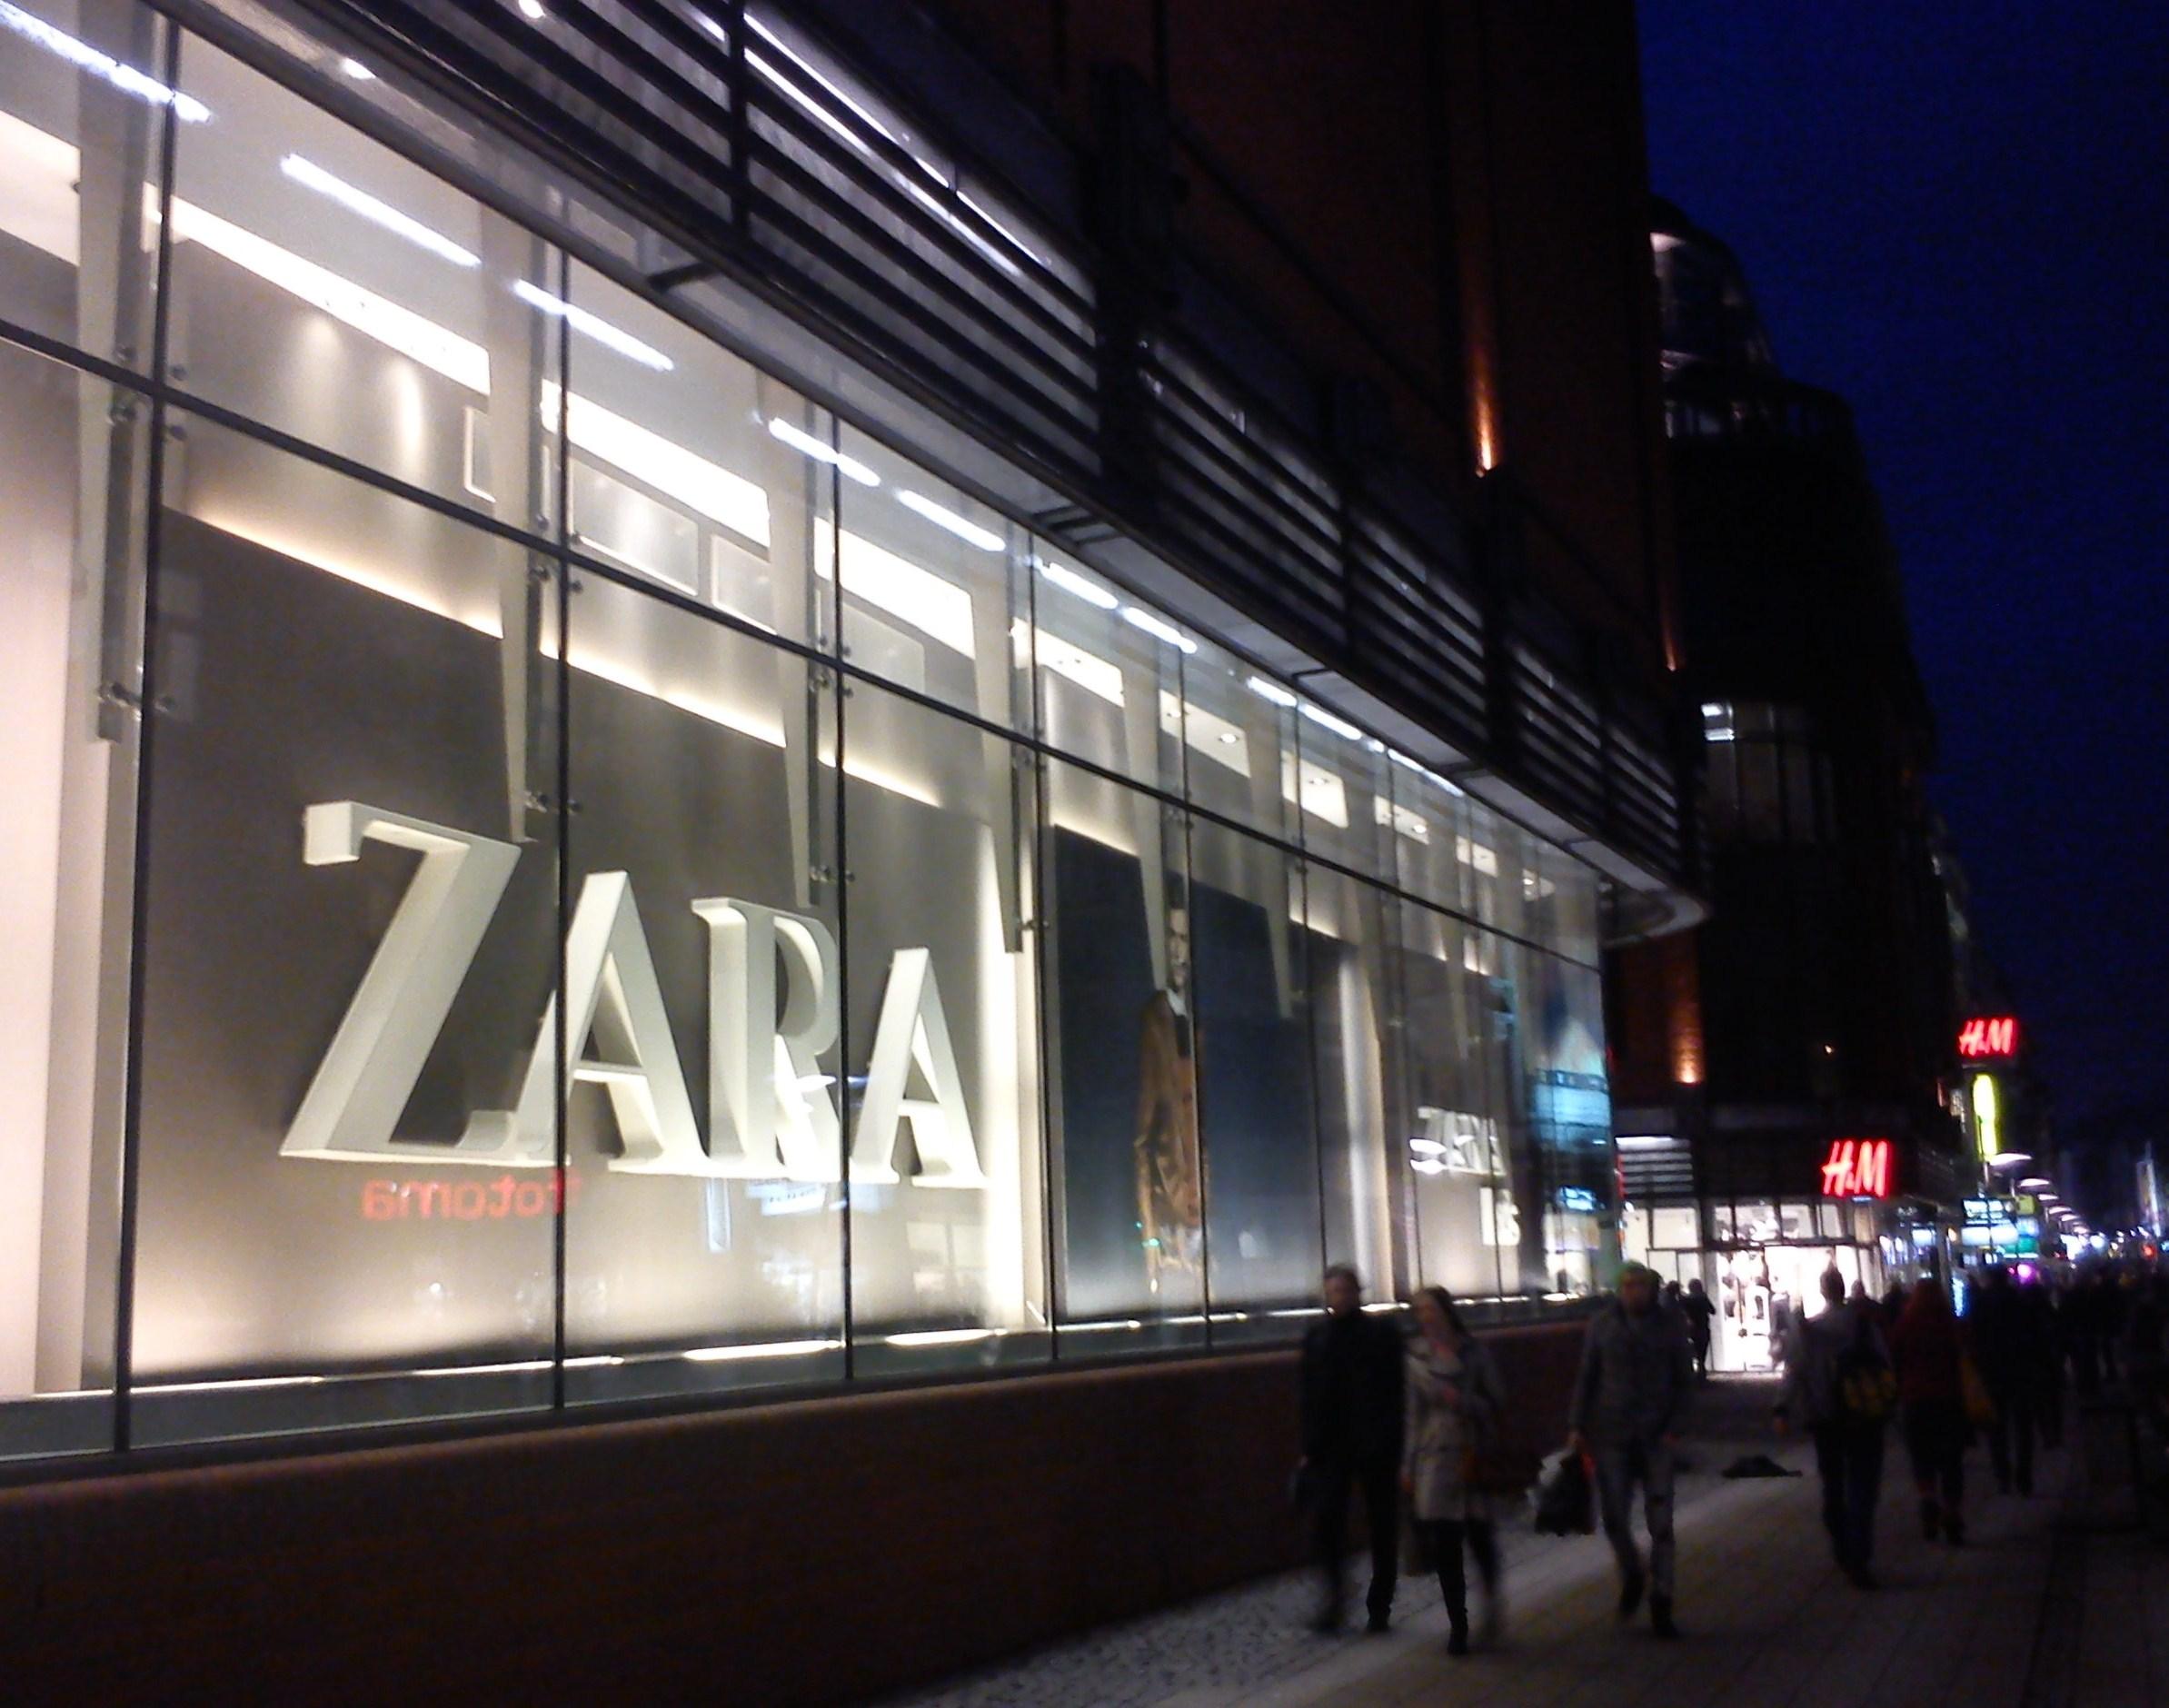 ZARA es una de las marcas españolas con más éxito mundial